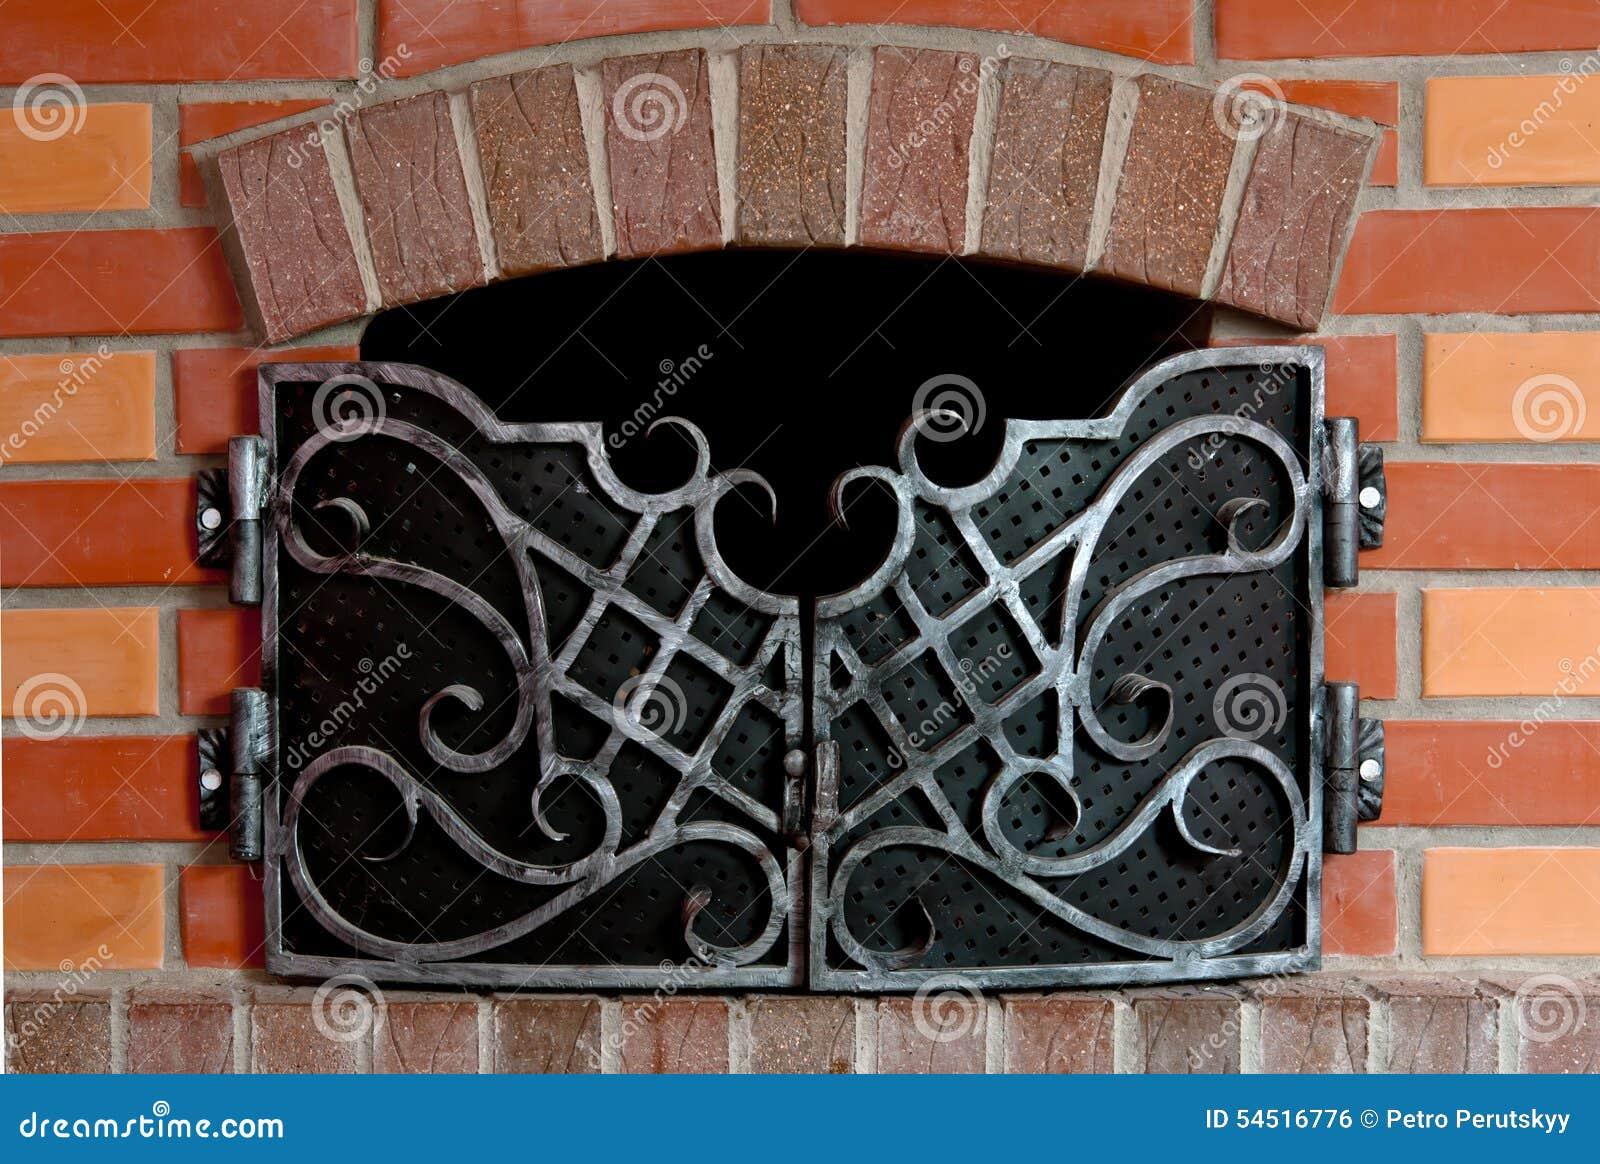 Chimenea del ladrillo foto de archivo imagen de fuego - Chimenea ladrillo ...